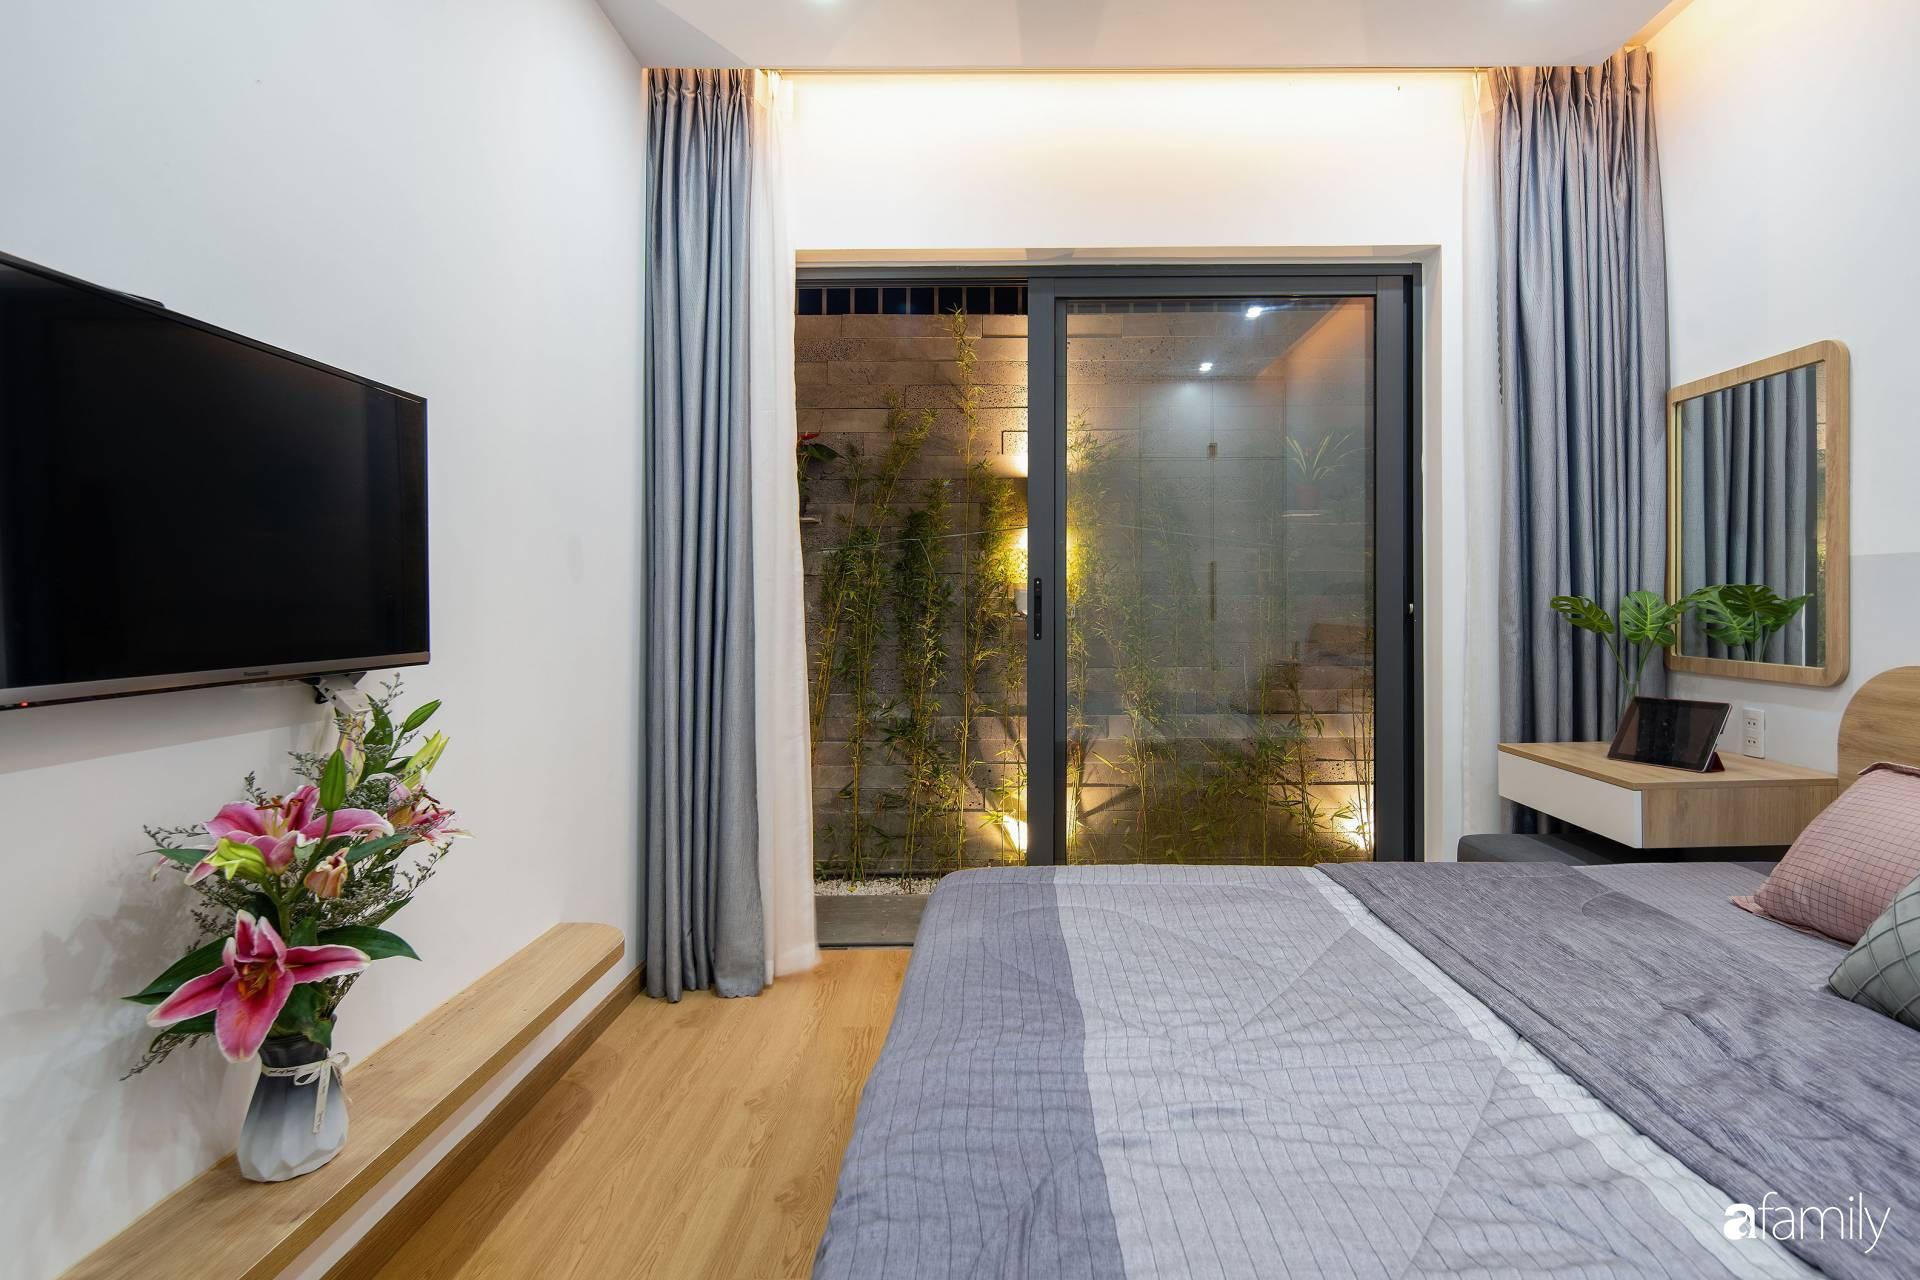 Ngôi nhà 100m2 thiết kế thông minh, tiện lợi dành cho gia đình 3 thế hệ ở Đà Nẵng - Ảnh 10.